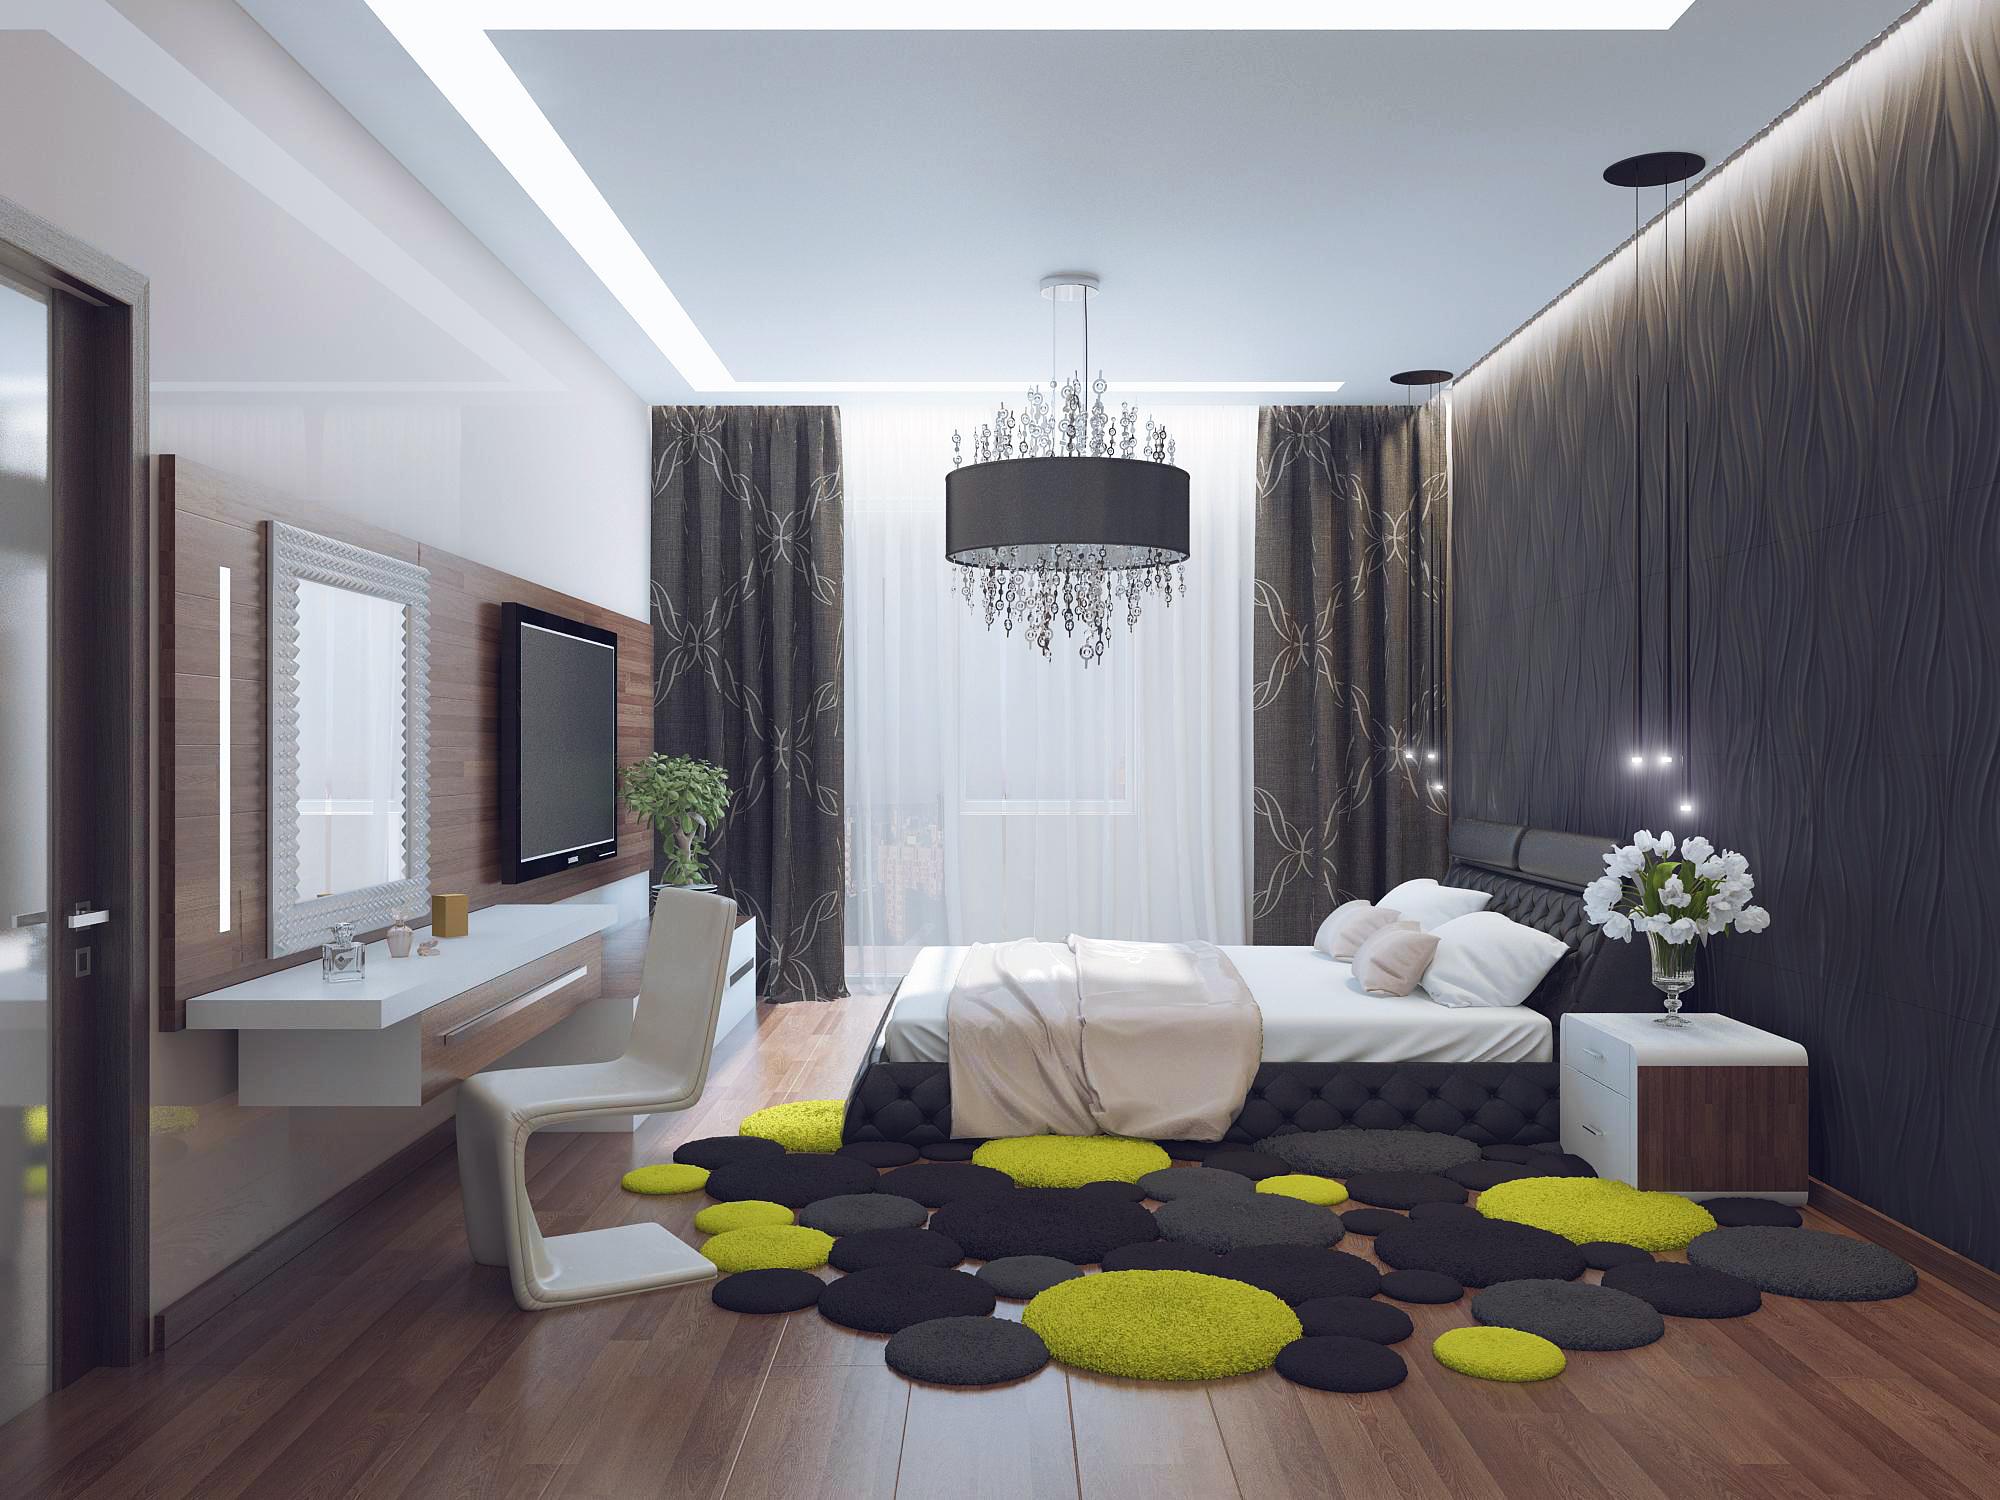 Лучшие дизайнерские идеи для маленьких квартир: 28 гениальных 100